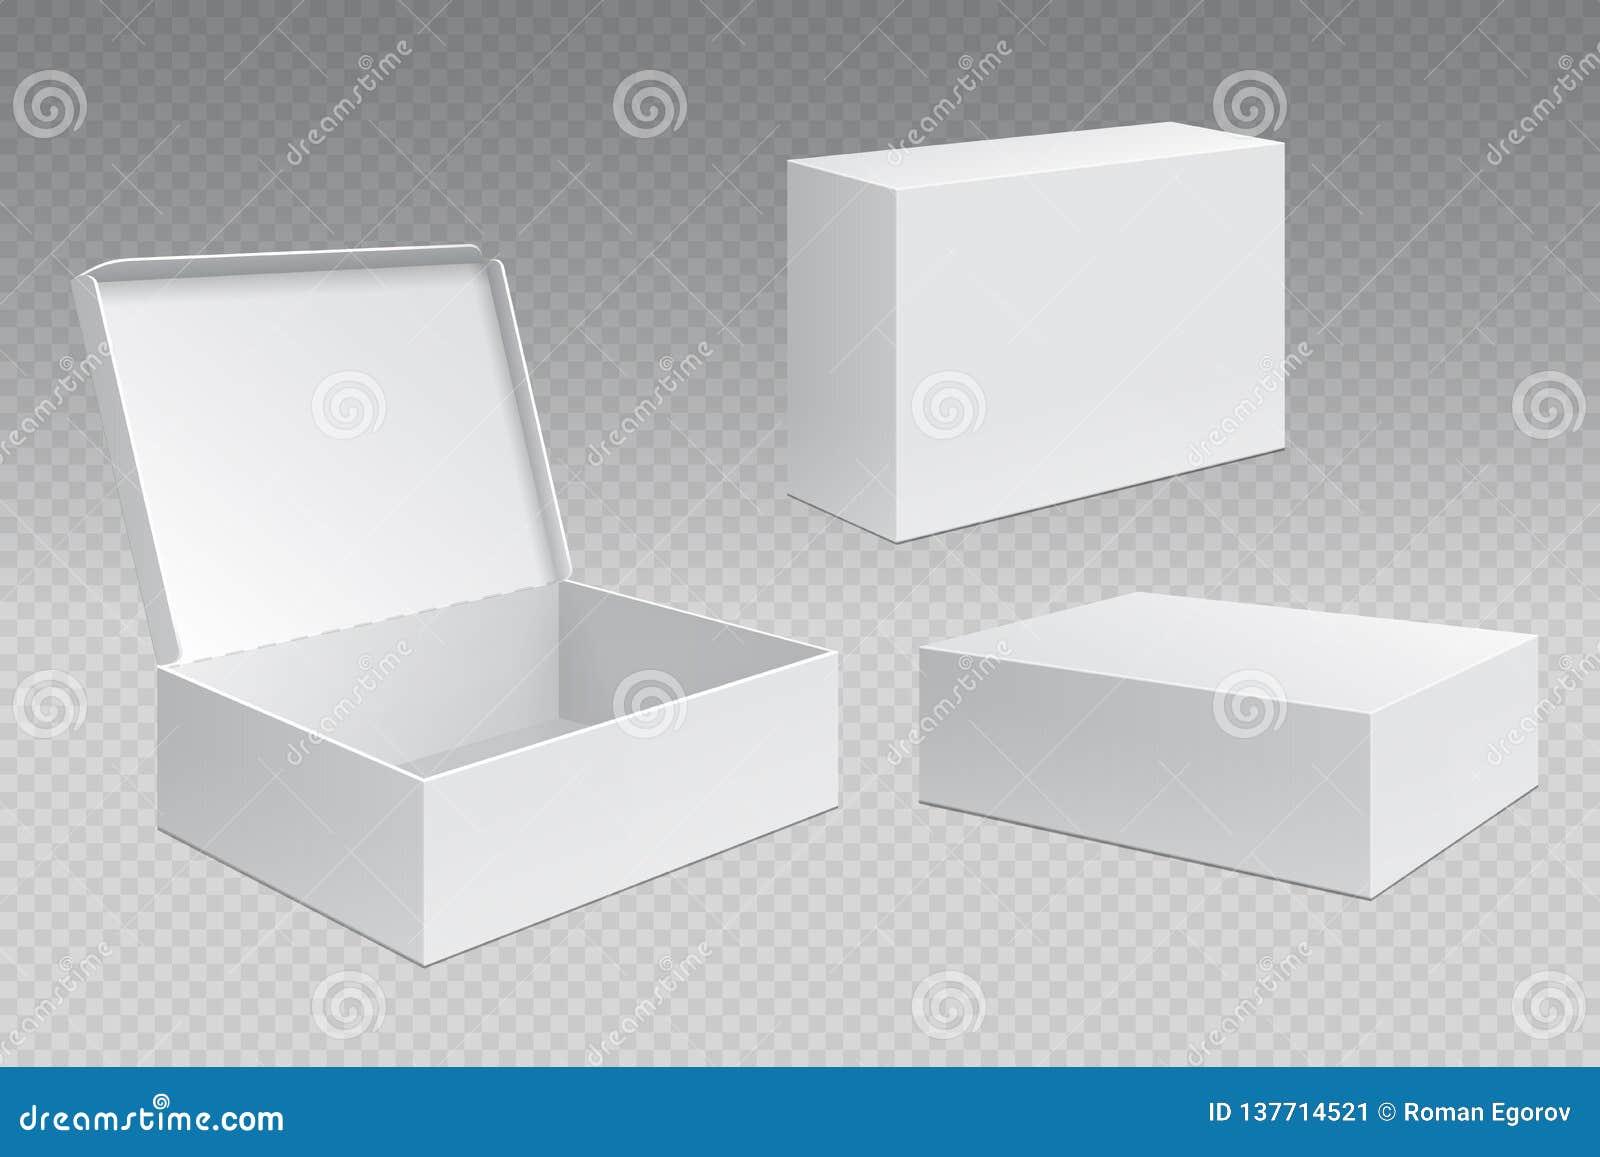 Realistische verpakkende dozen Het witte open kartonpak, lege het verhandelen producten bespot omhoog Karton vierkante container